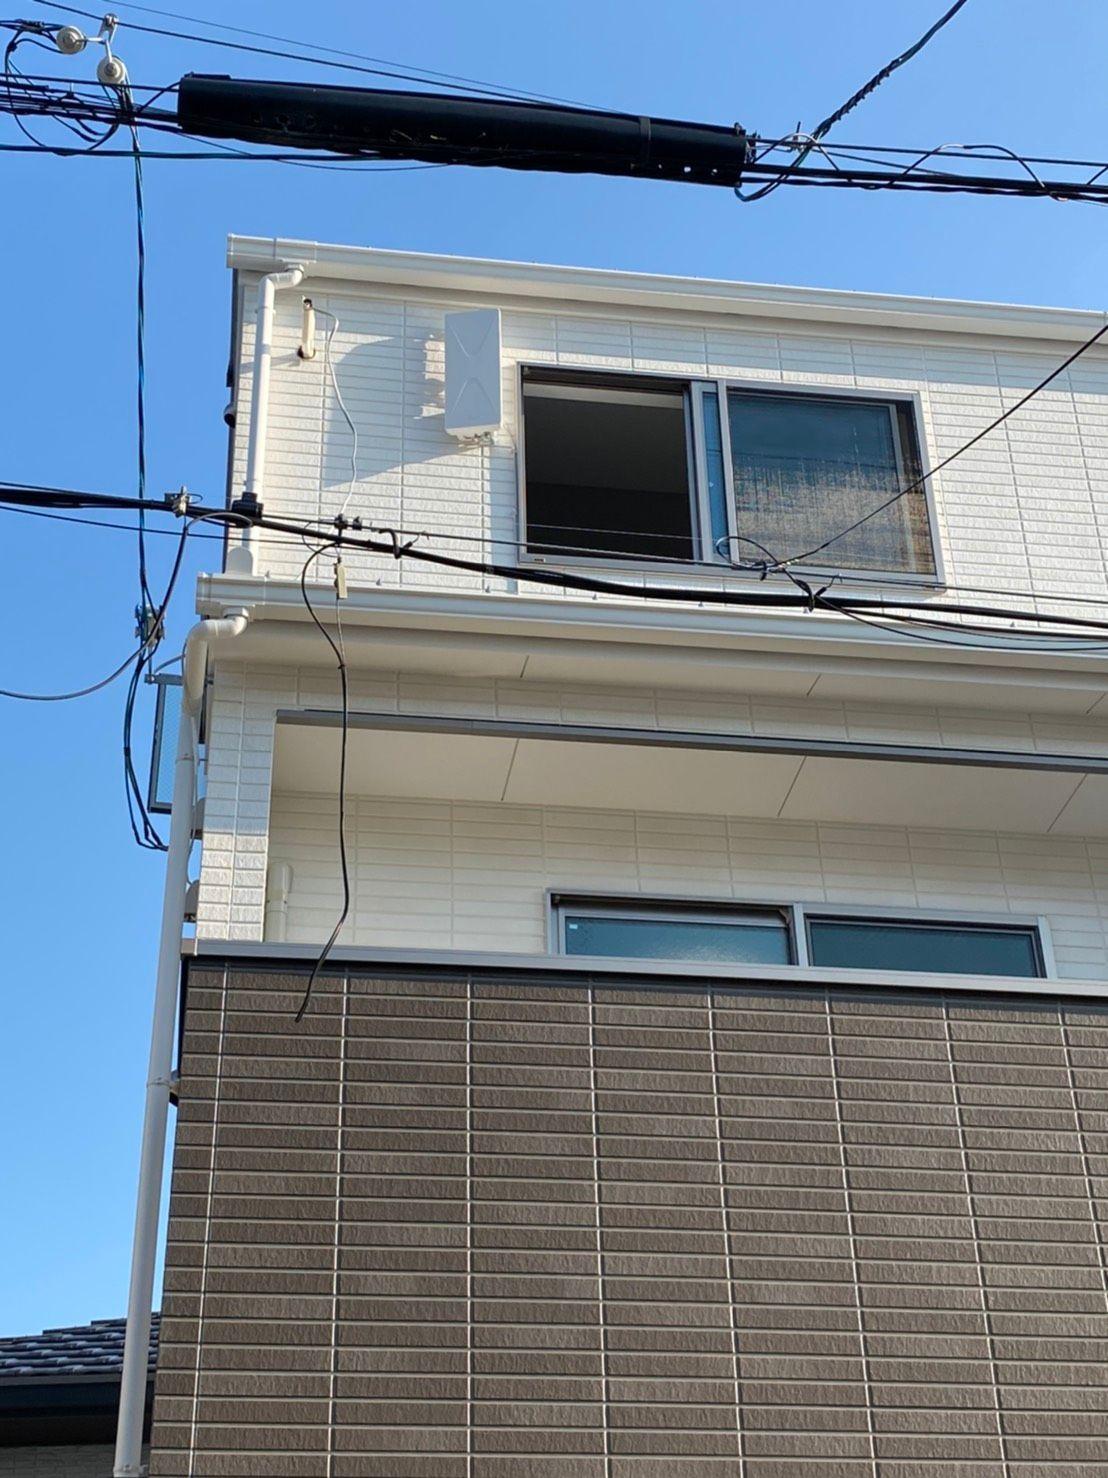 デザインアンテナ壁面設置 エアコンダクト入線 DXアンテナ(堺市)